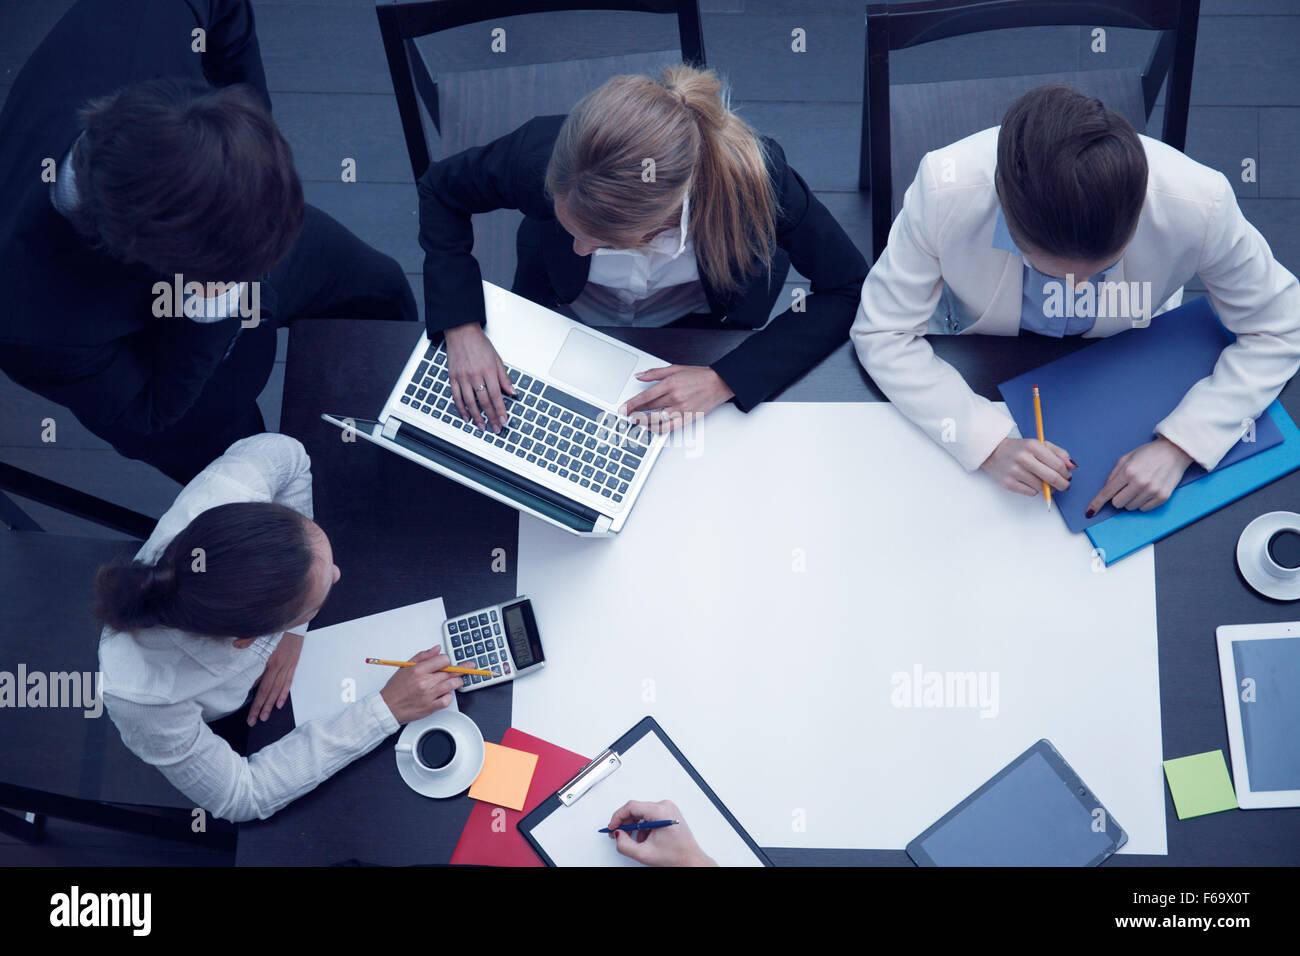 Travail avec des gens d'affaires, tasse de café, smartphone, tablette numérique, documents et divers objets de bureau sur la table Banque D'Images